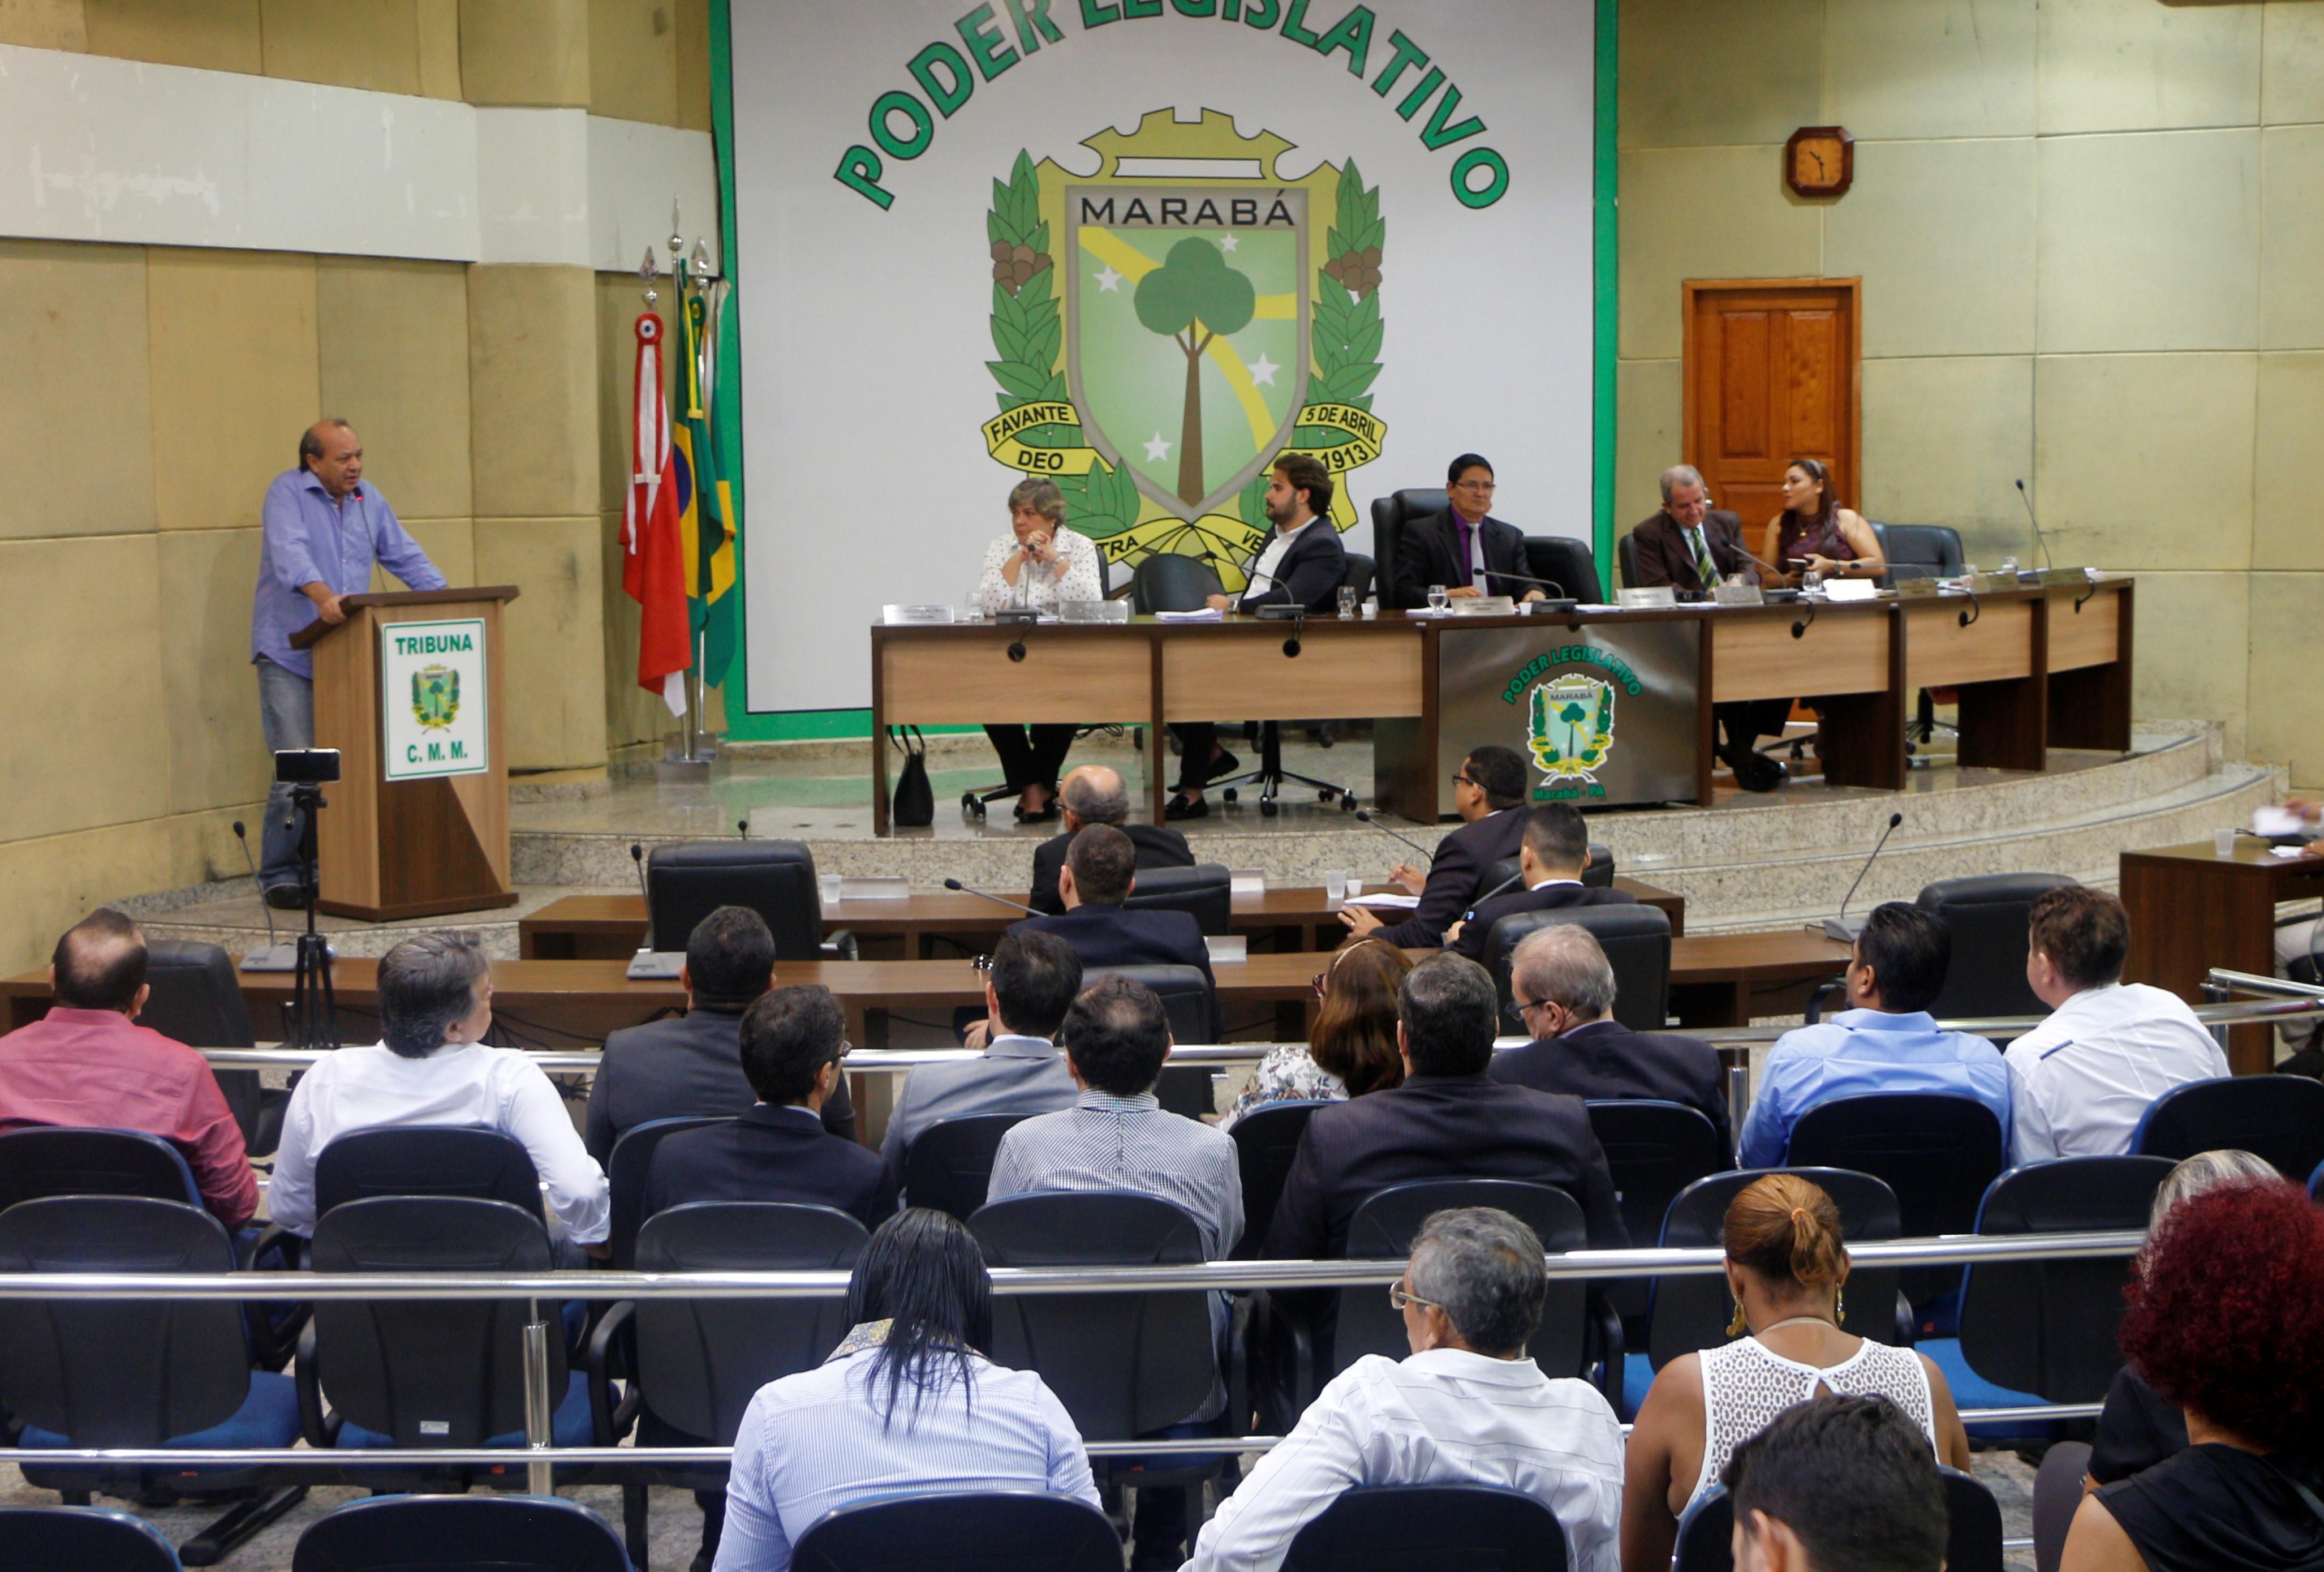 PREFEITO APRESENTA CONGRATULAÇÕES À CÂMARA MUNICIPAL NO INÍCIO DO NOVO ANO LEGISLATIVO